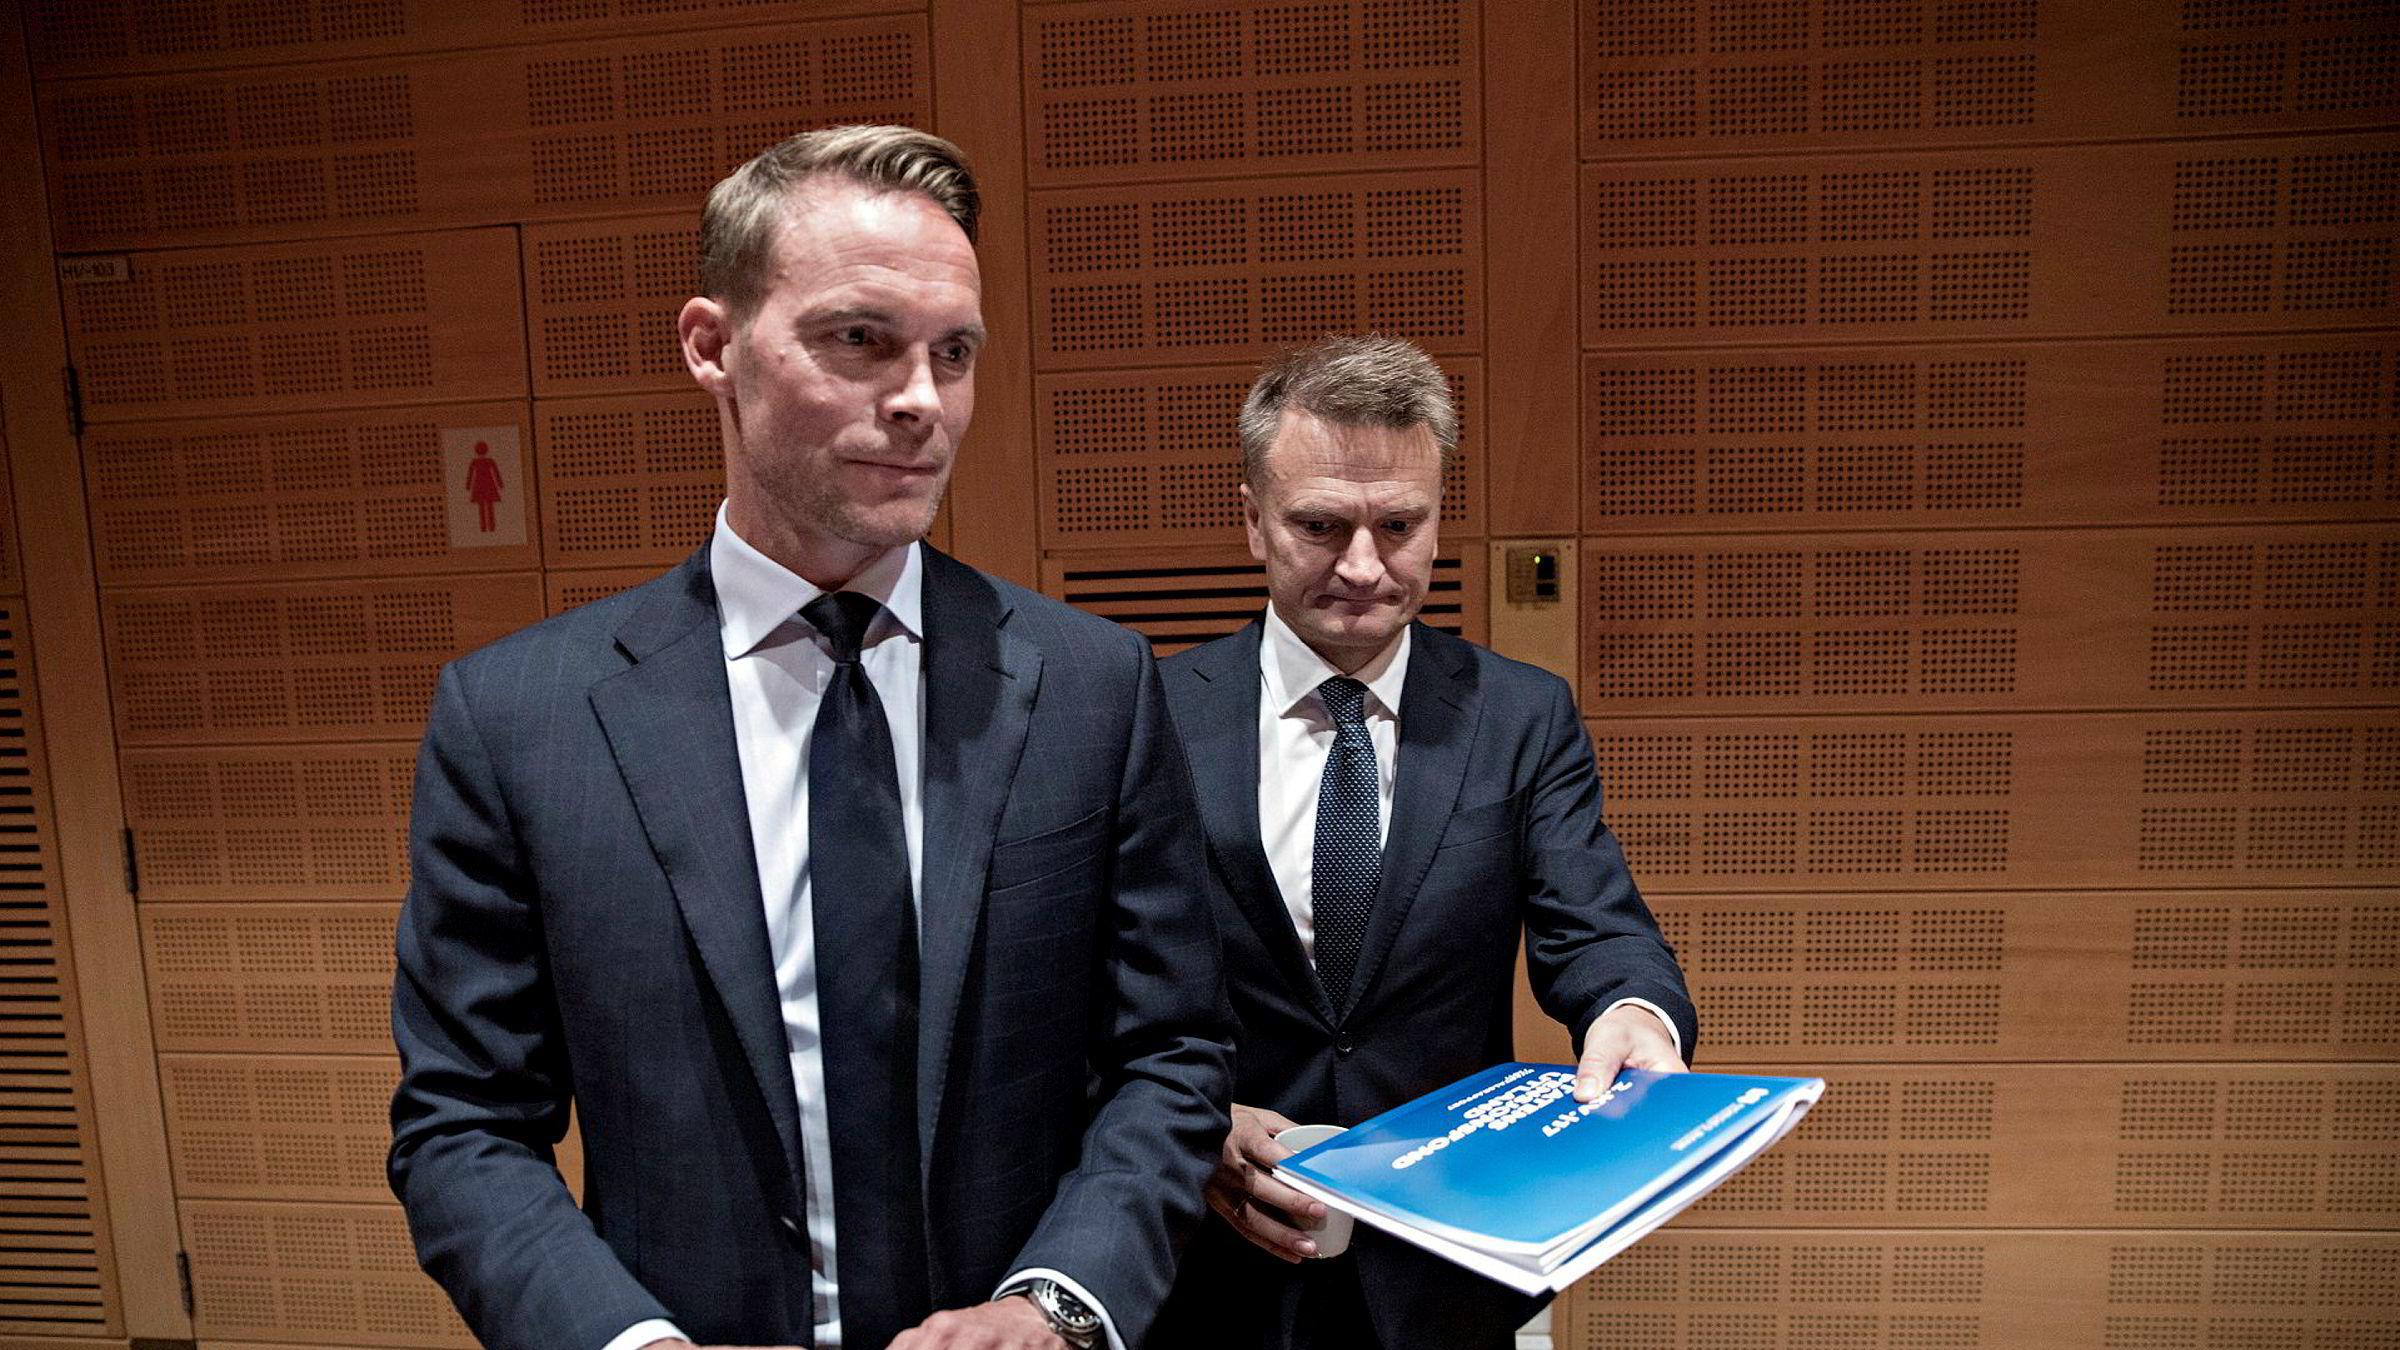 Trond Grande (til venstre), nestleder i Norges Bank Investment Management, har søkt jobben som ny oljefondssjef. Her er han sammen med visesentralbanksjef Egil Matsen.